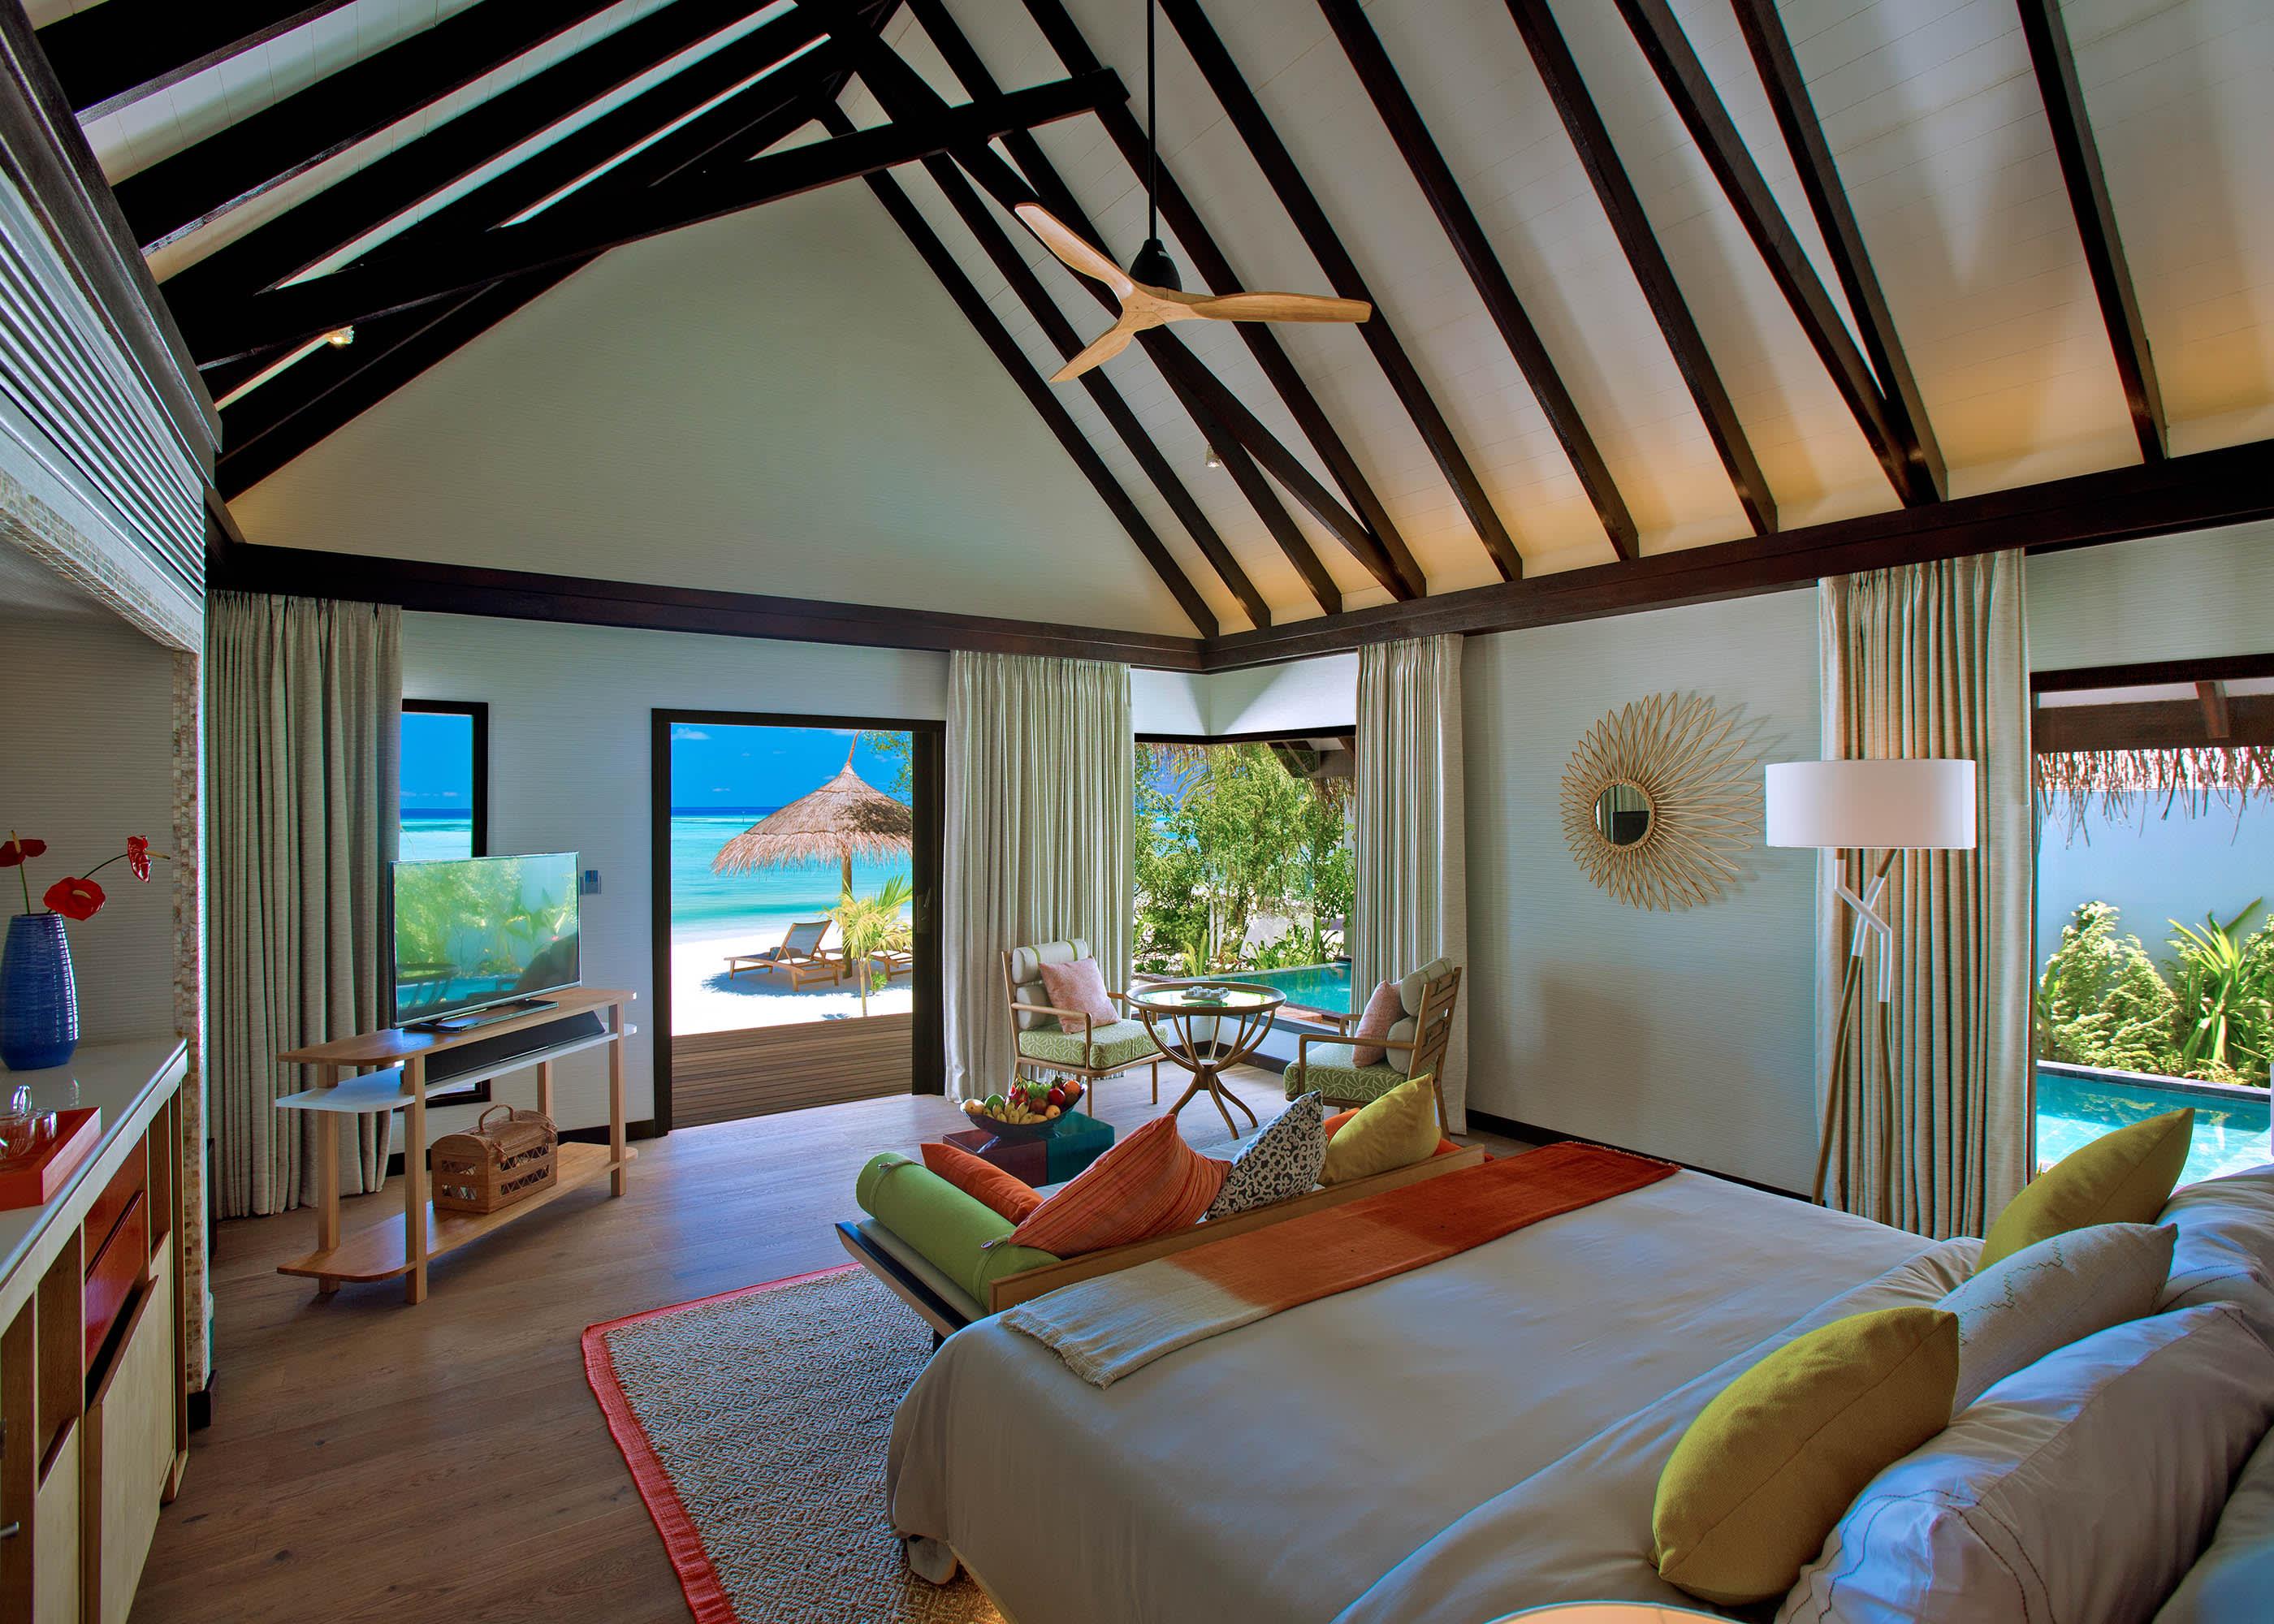 Earth villa view